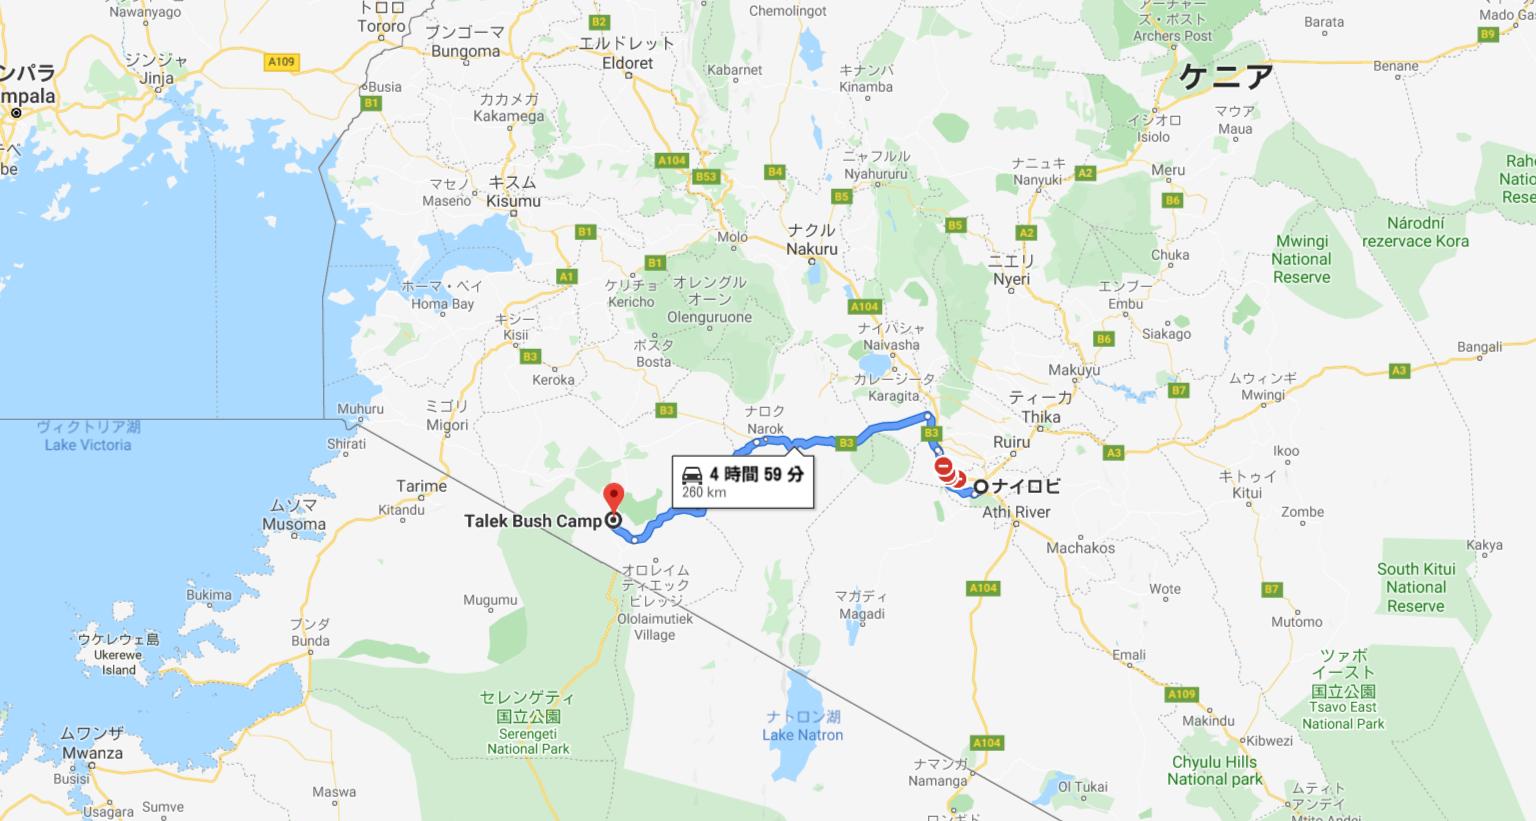 ナイロビからキャンプ場への地図